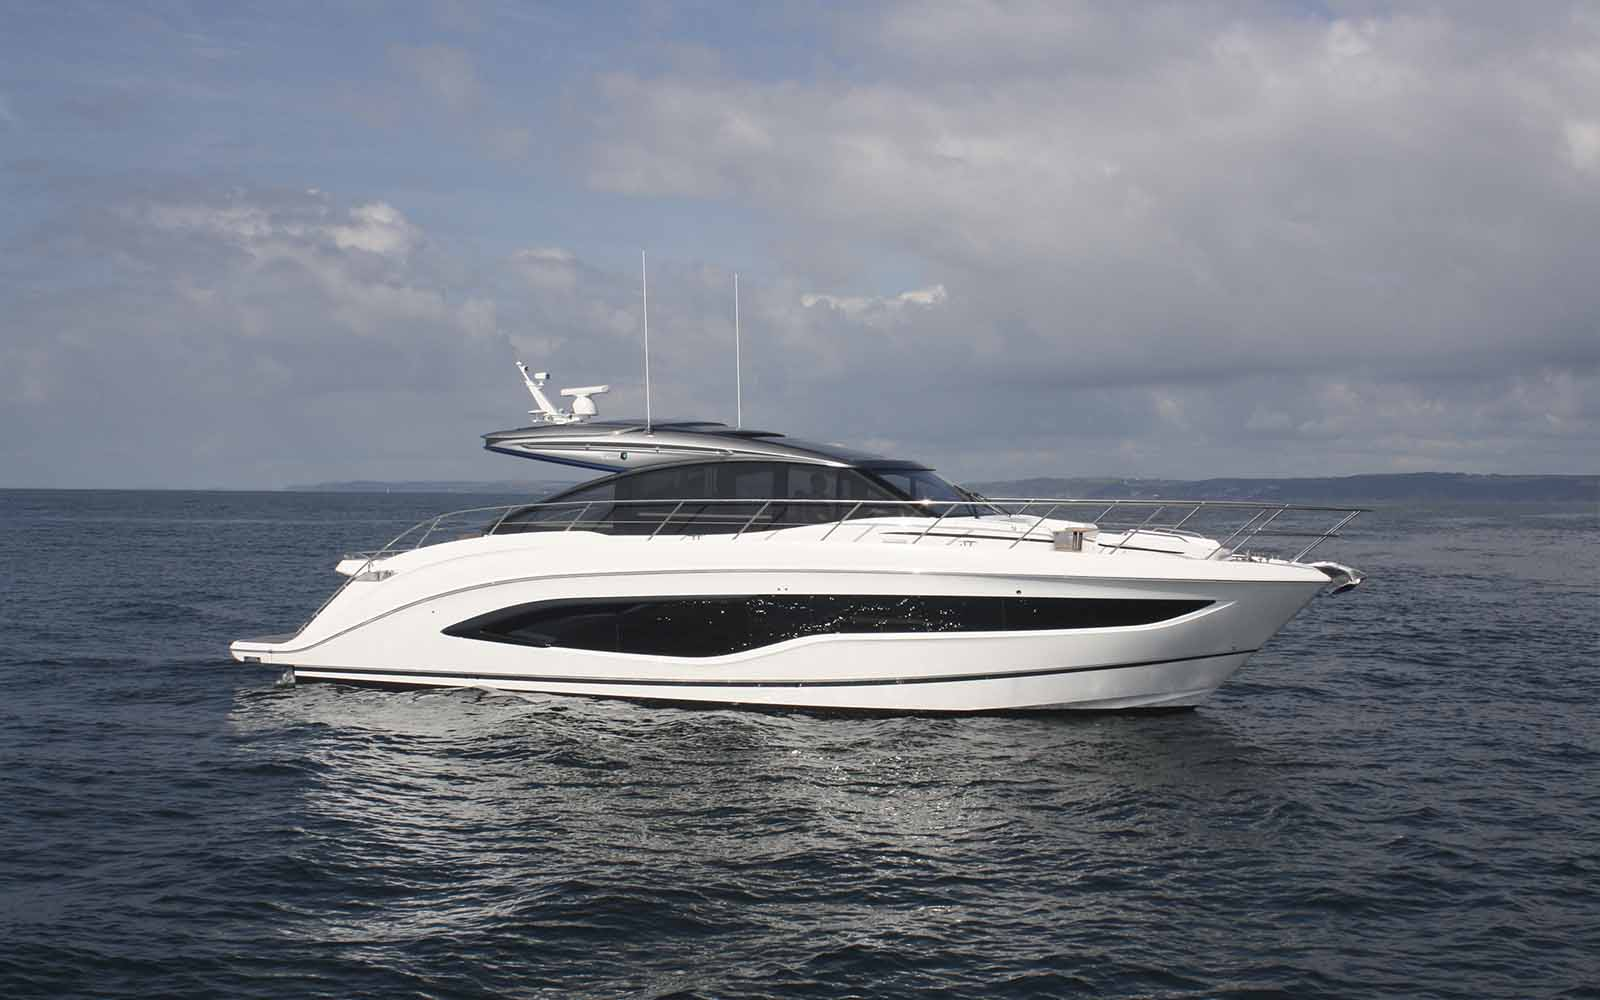 Princess V55 - boat shopping